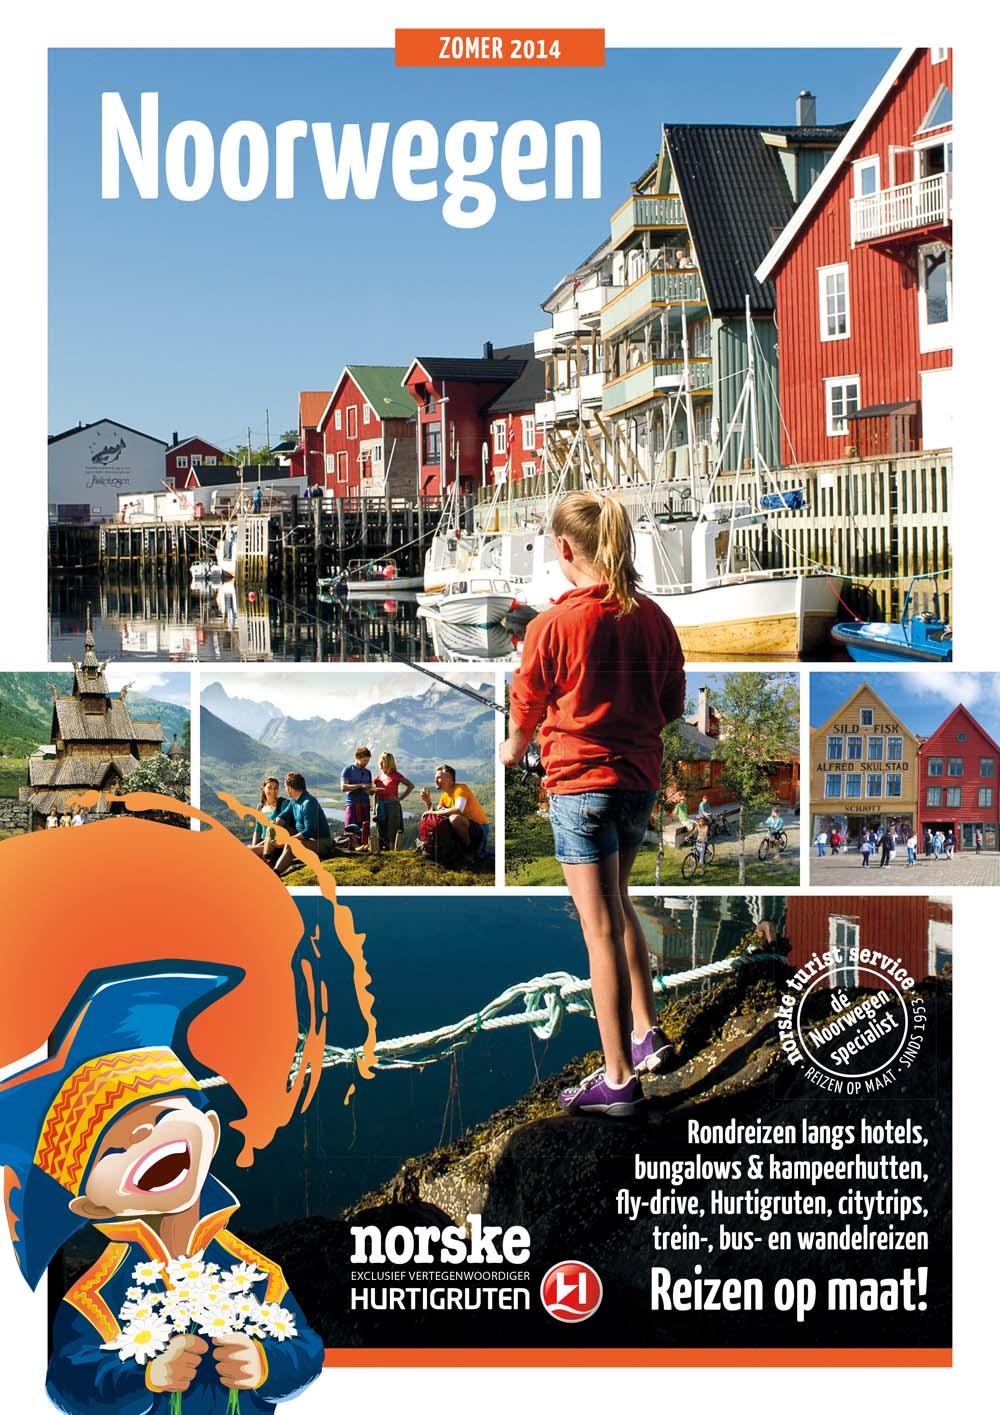 Zomer in Noorwegen 2014